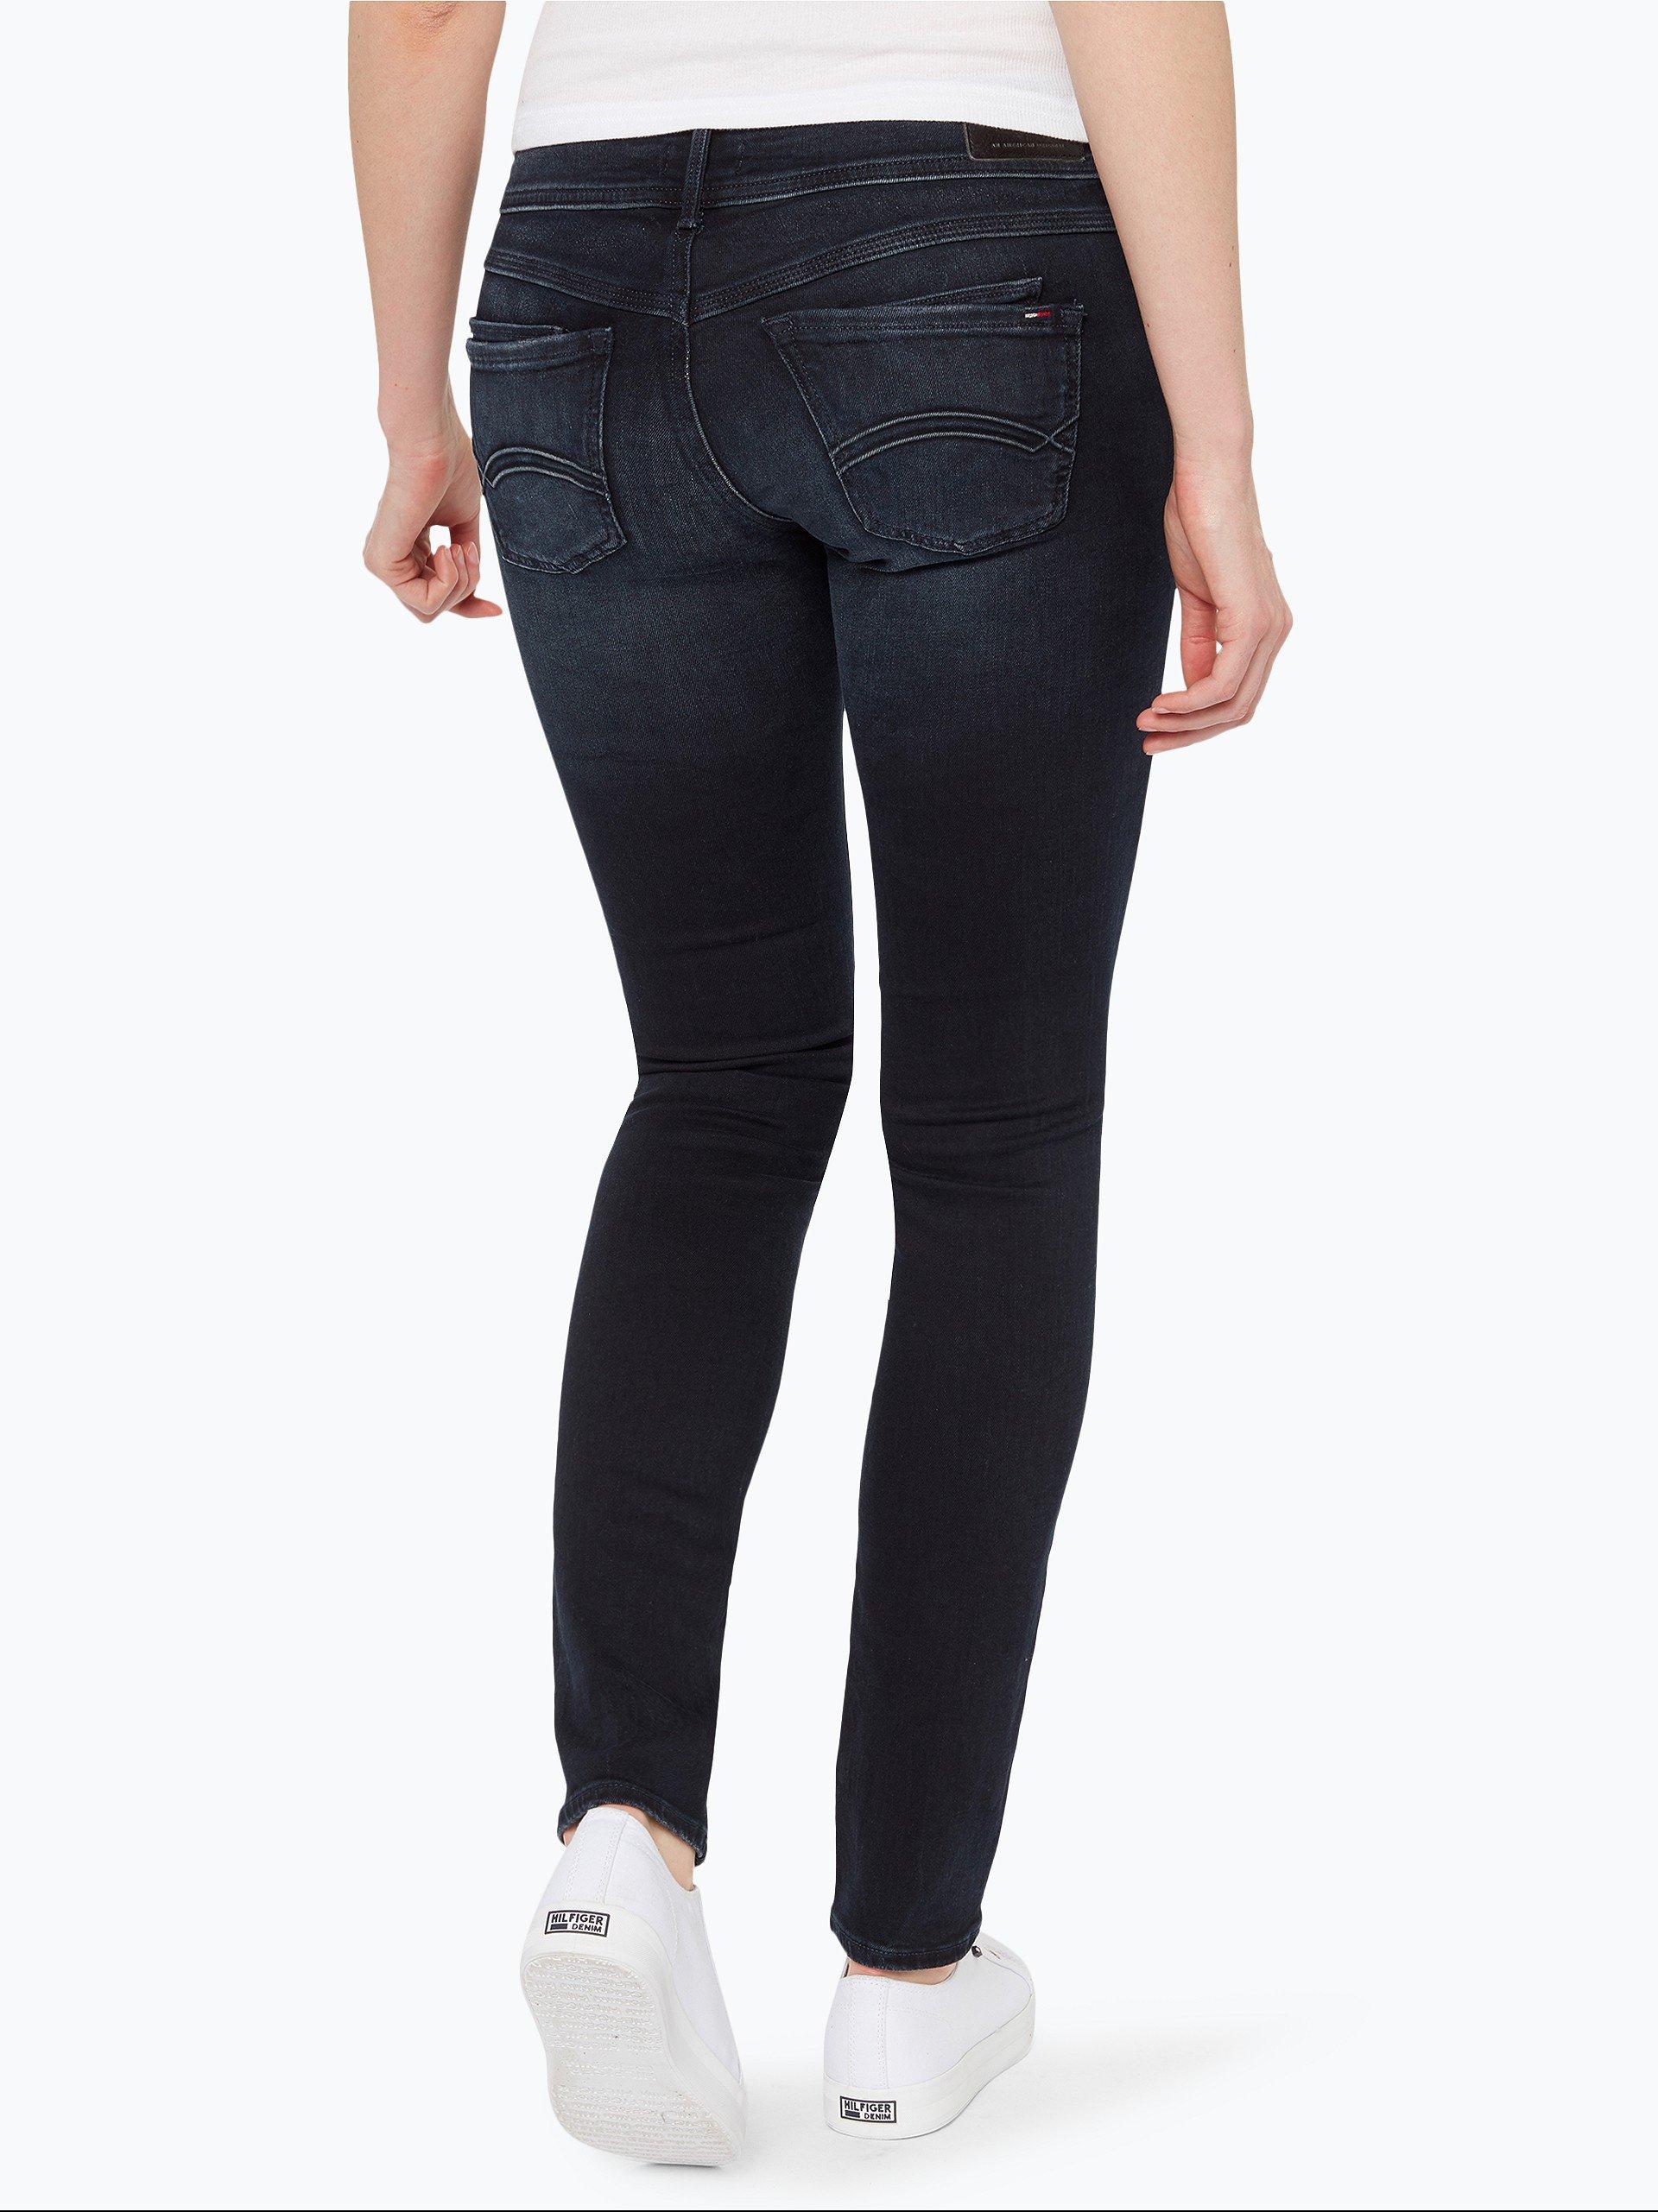 tommy jeans damen jeans scarlett marine uni online. Black Bedroom Furniture Sets. Home Design Ideas